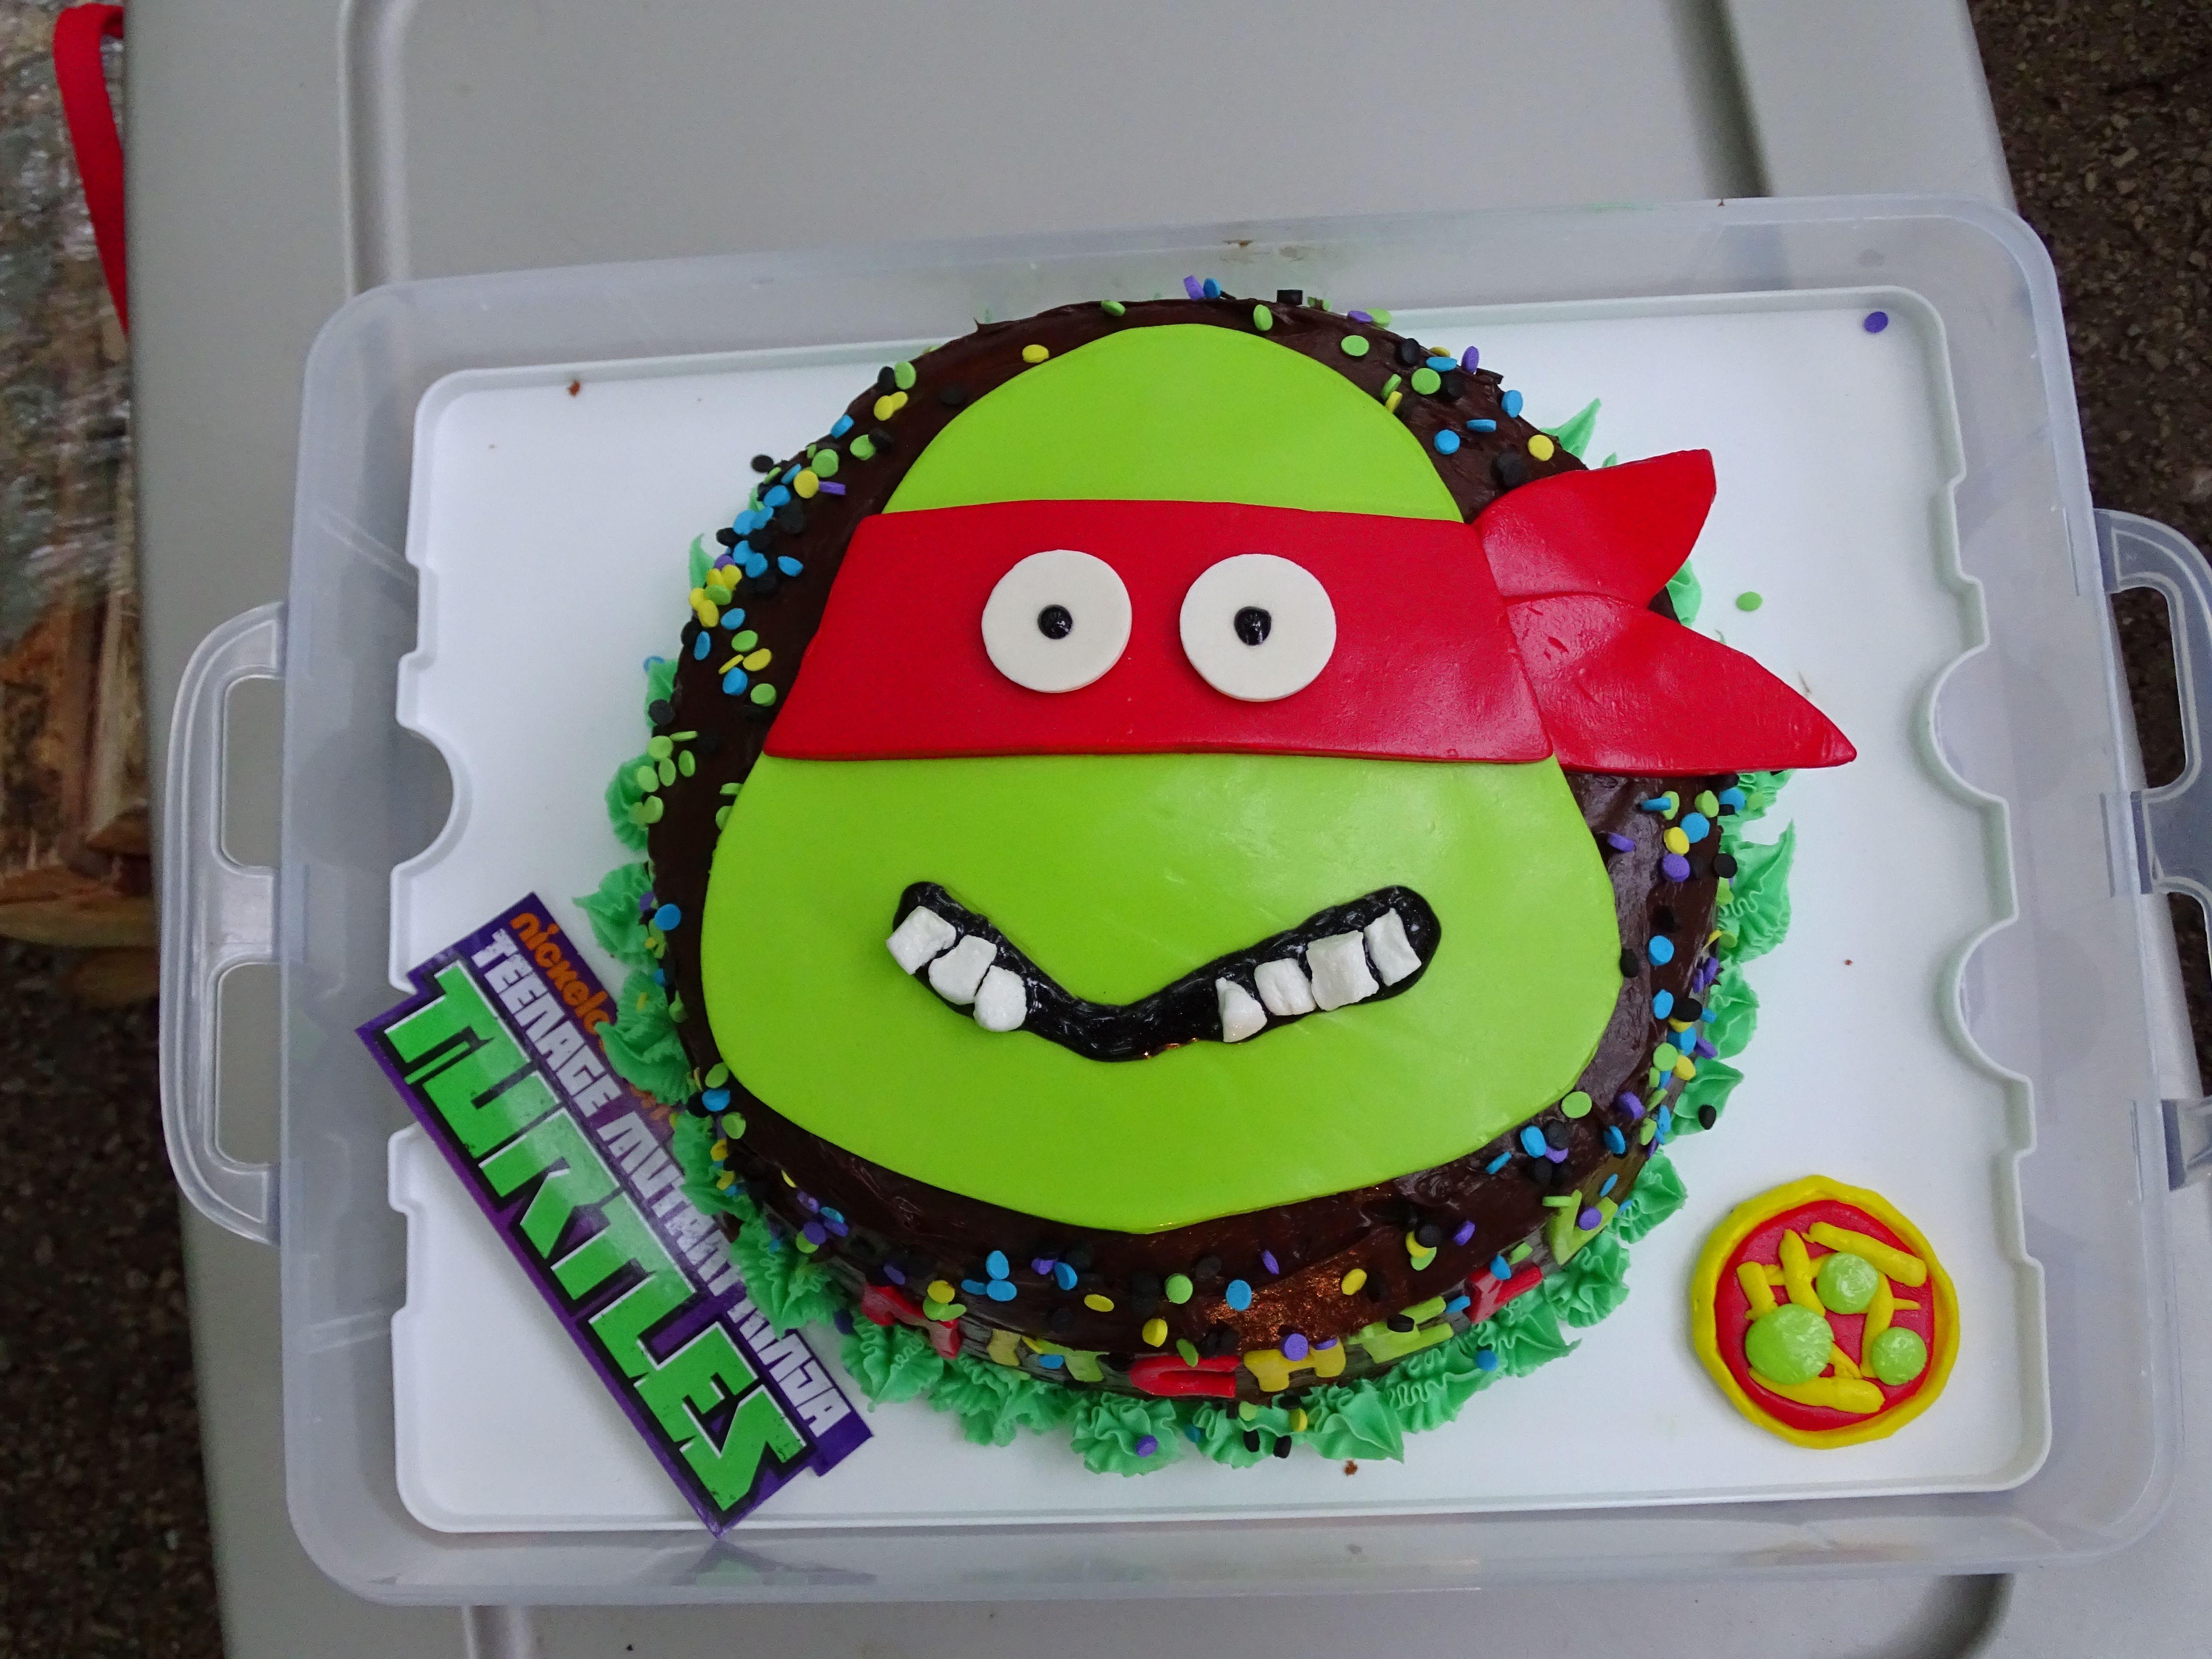 Teenage Mutant Ninja Turtle Cake - fondant face